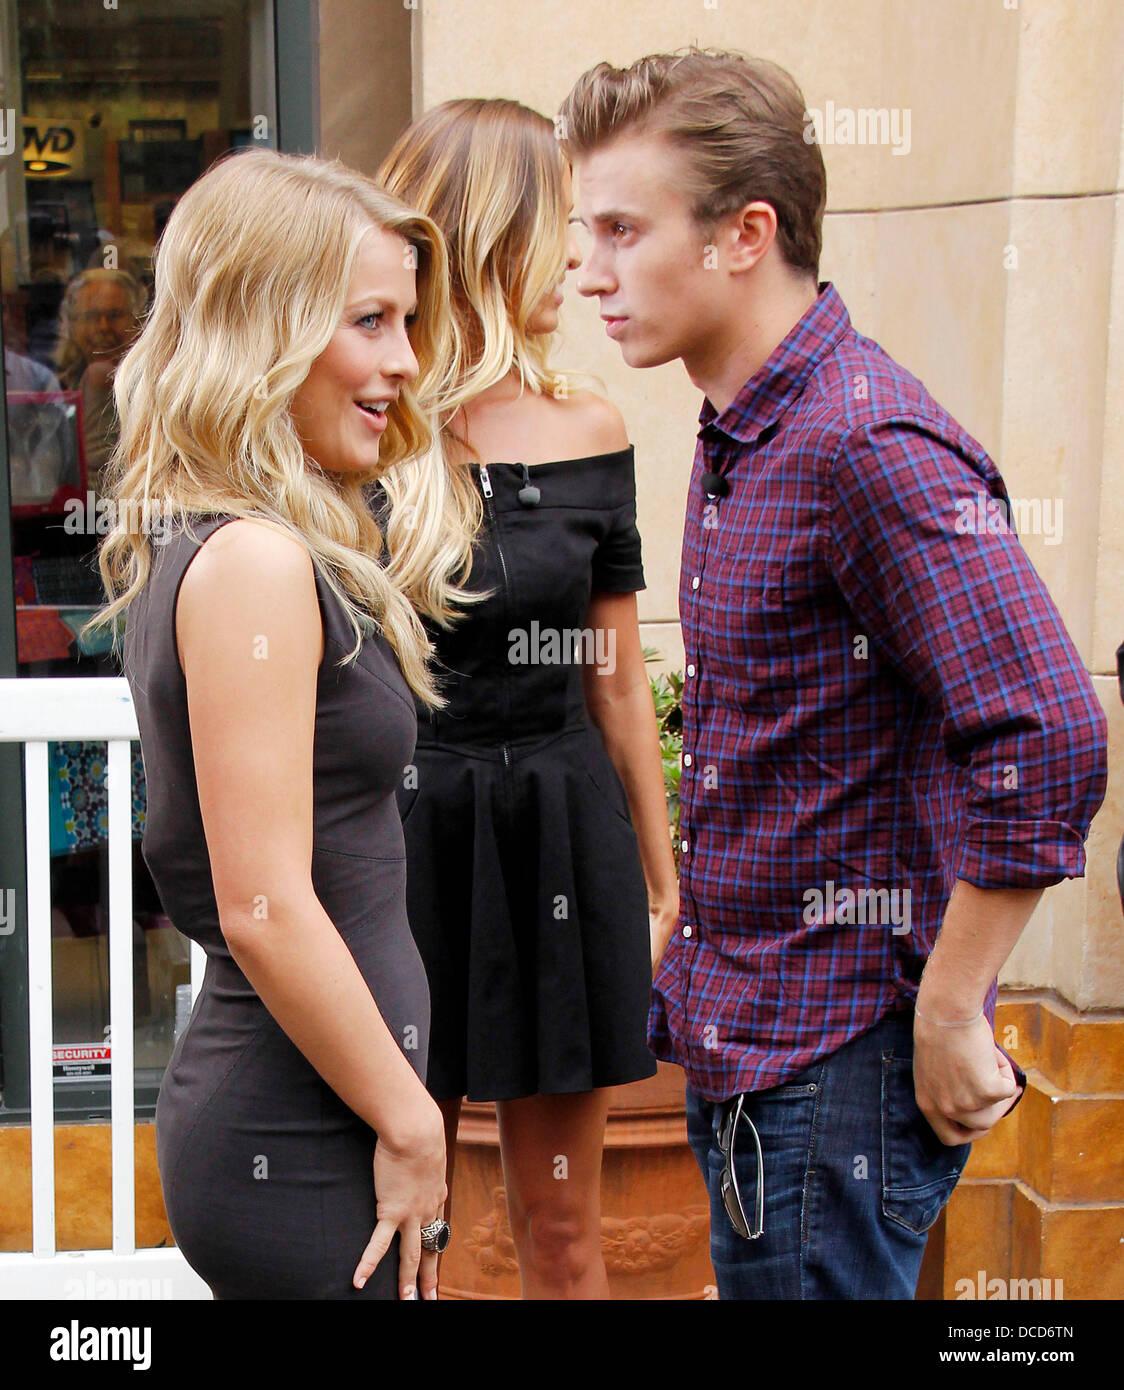 Кенни вормолд и его девушка фото